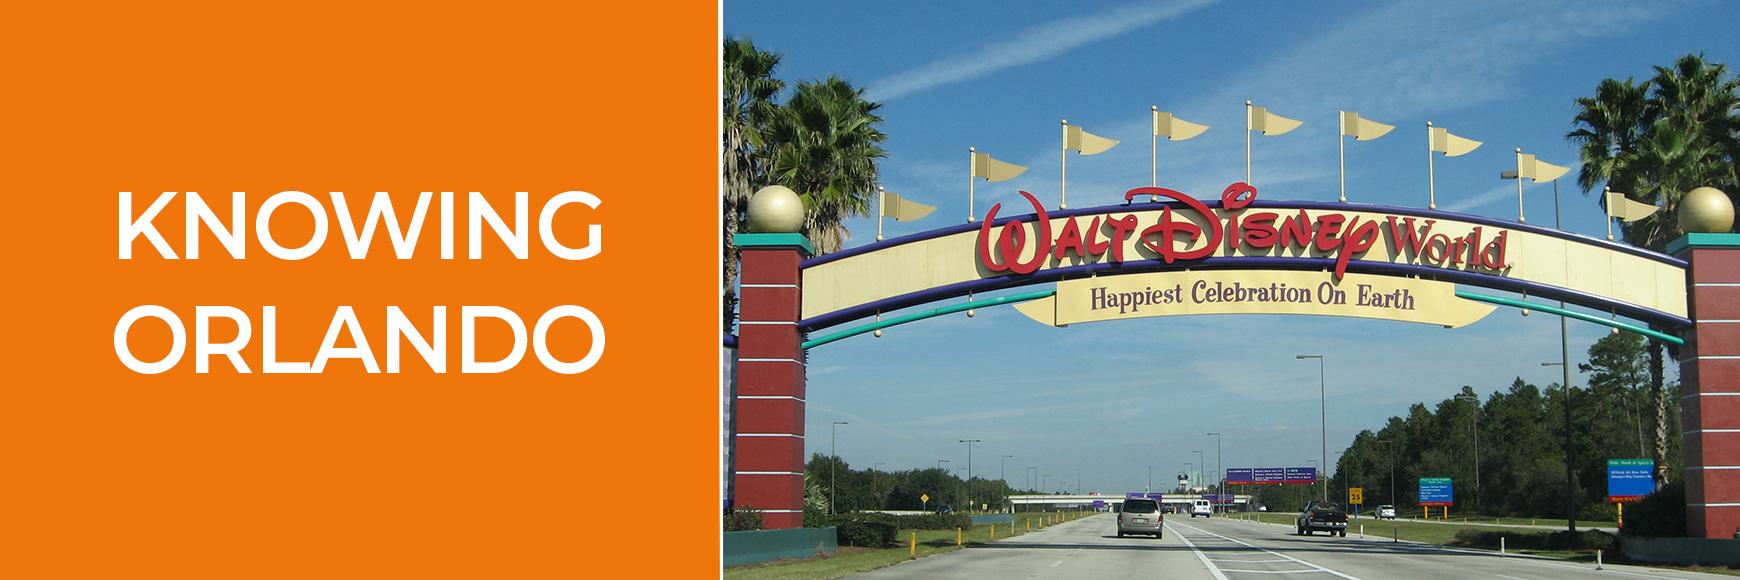 Knowing Orlando-Banner-Orlando Homes Sales